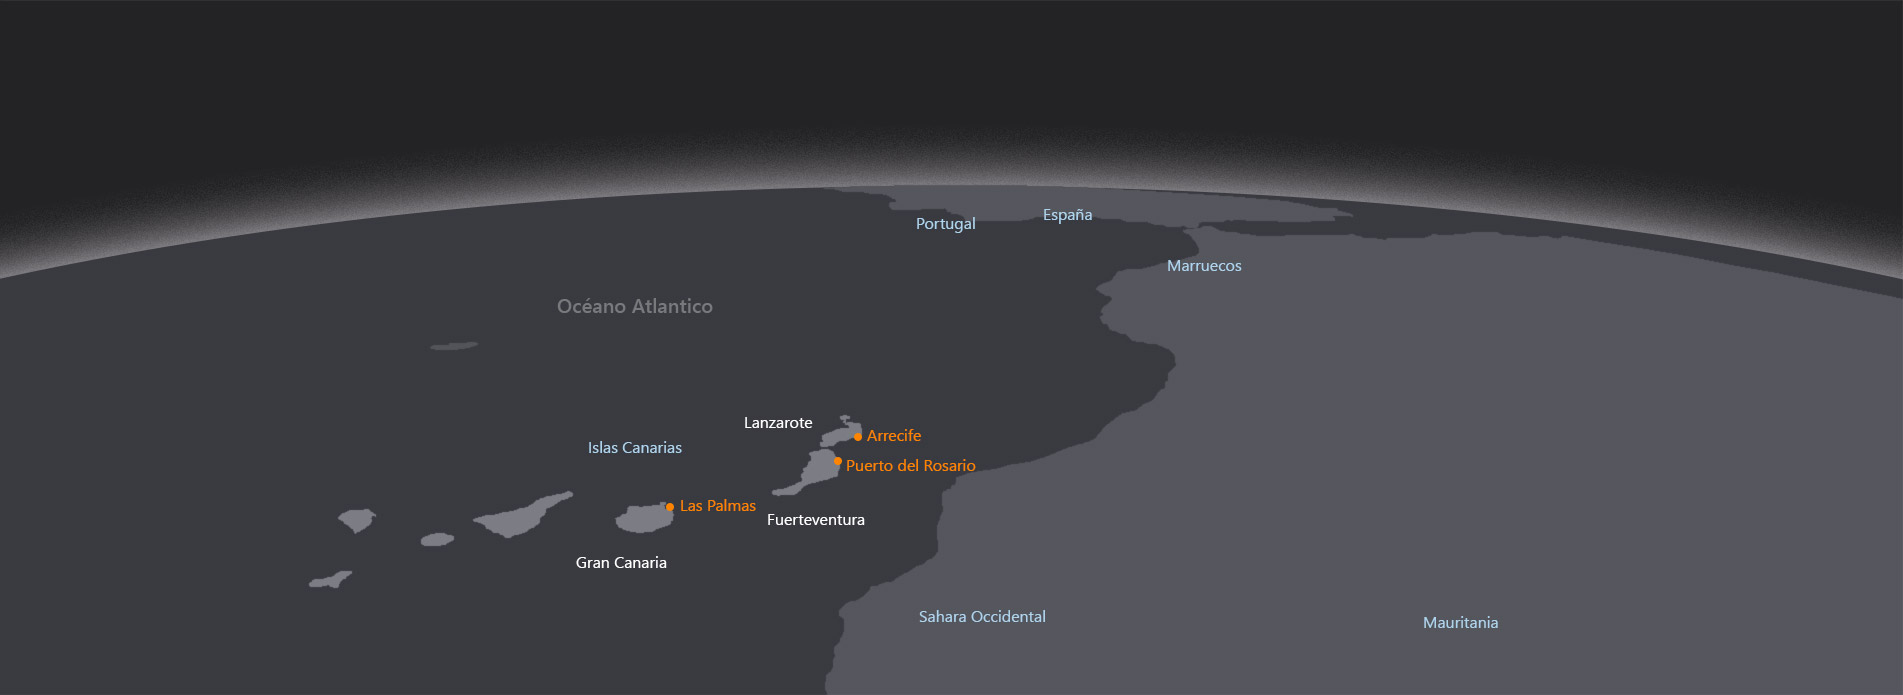 asocelpa_puertos